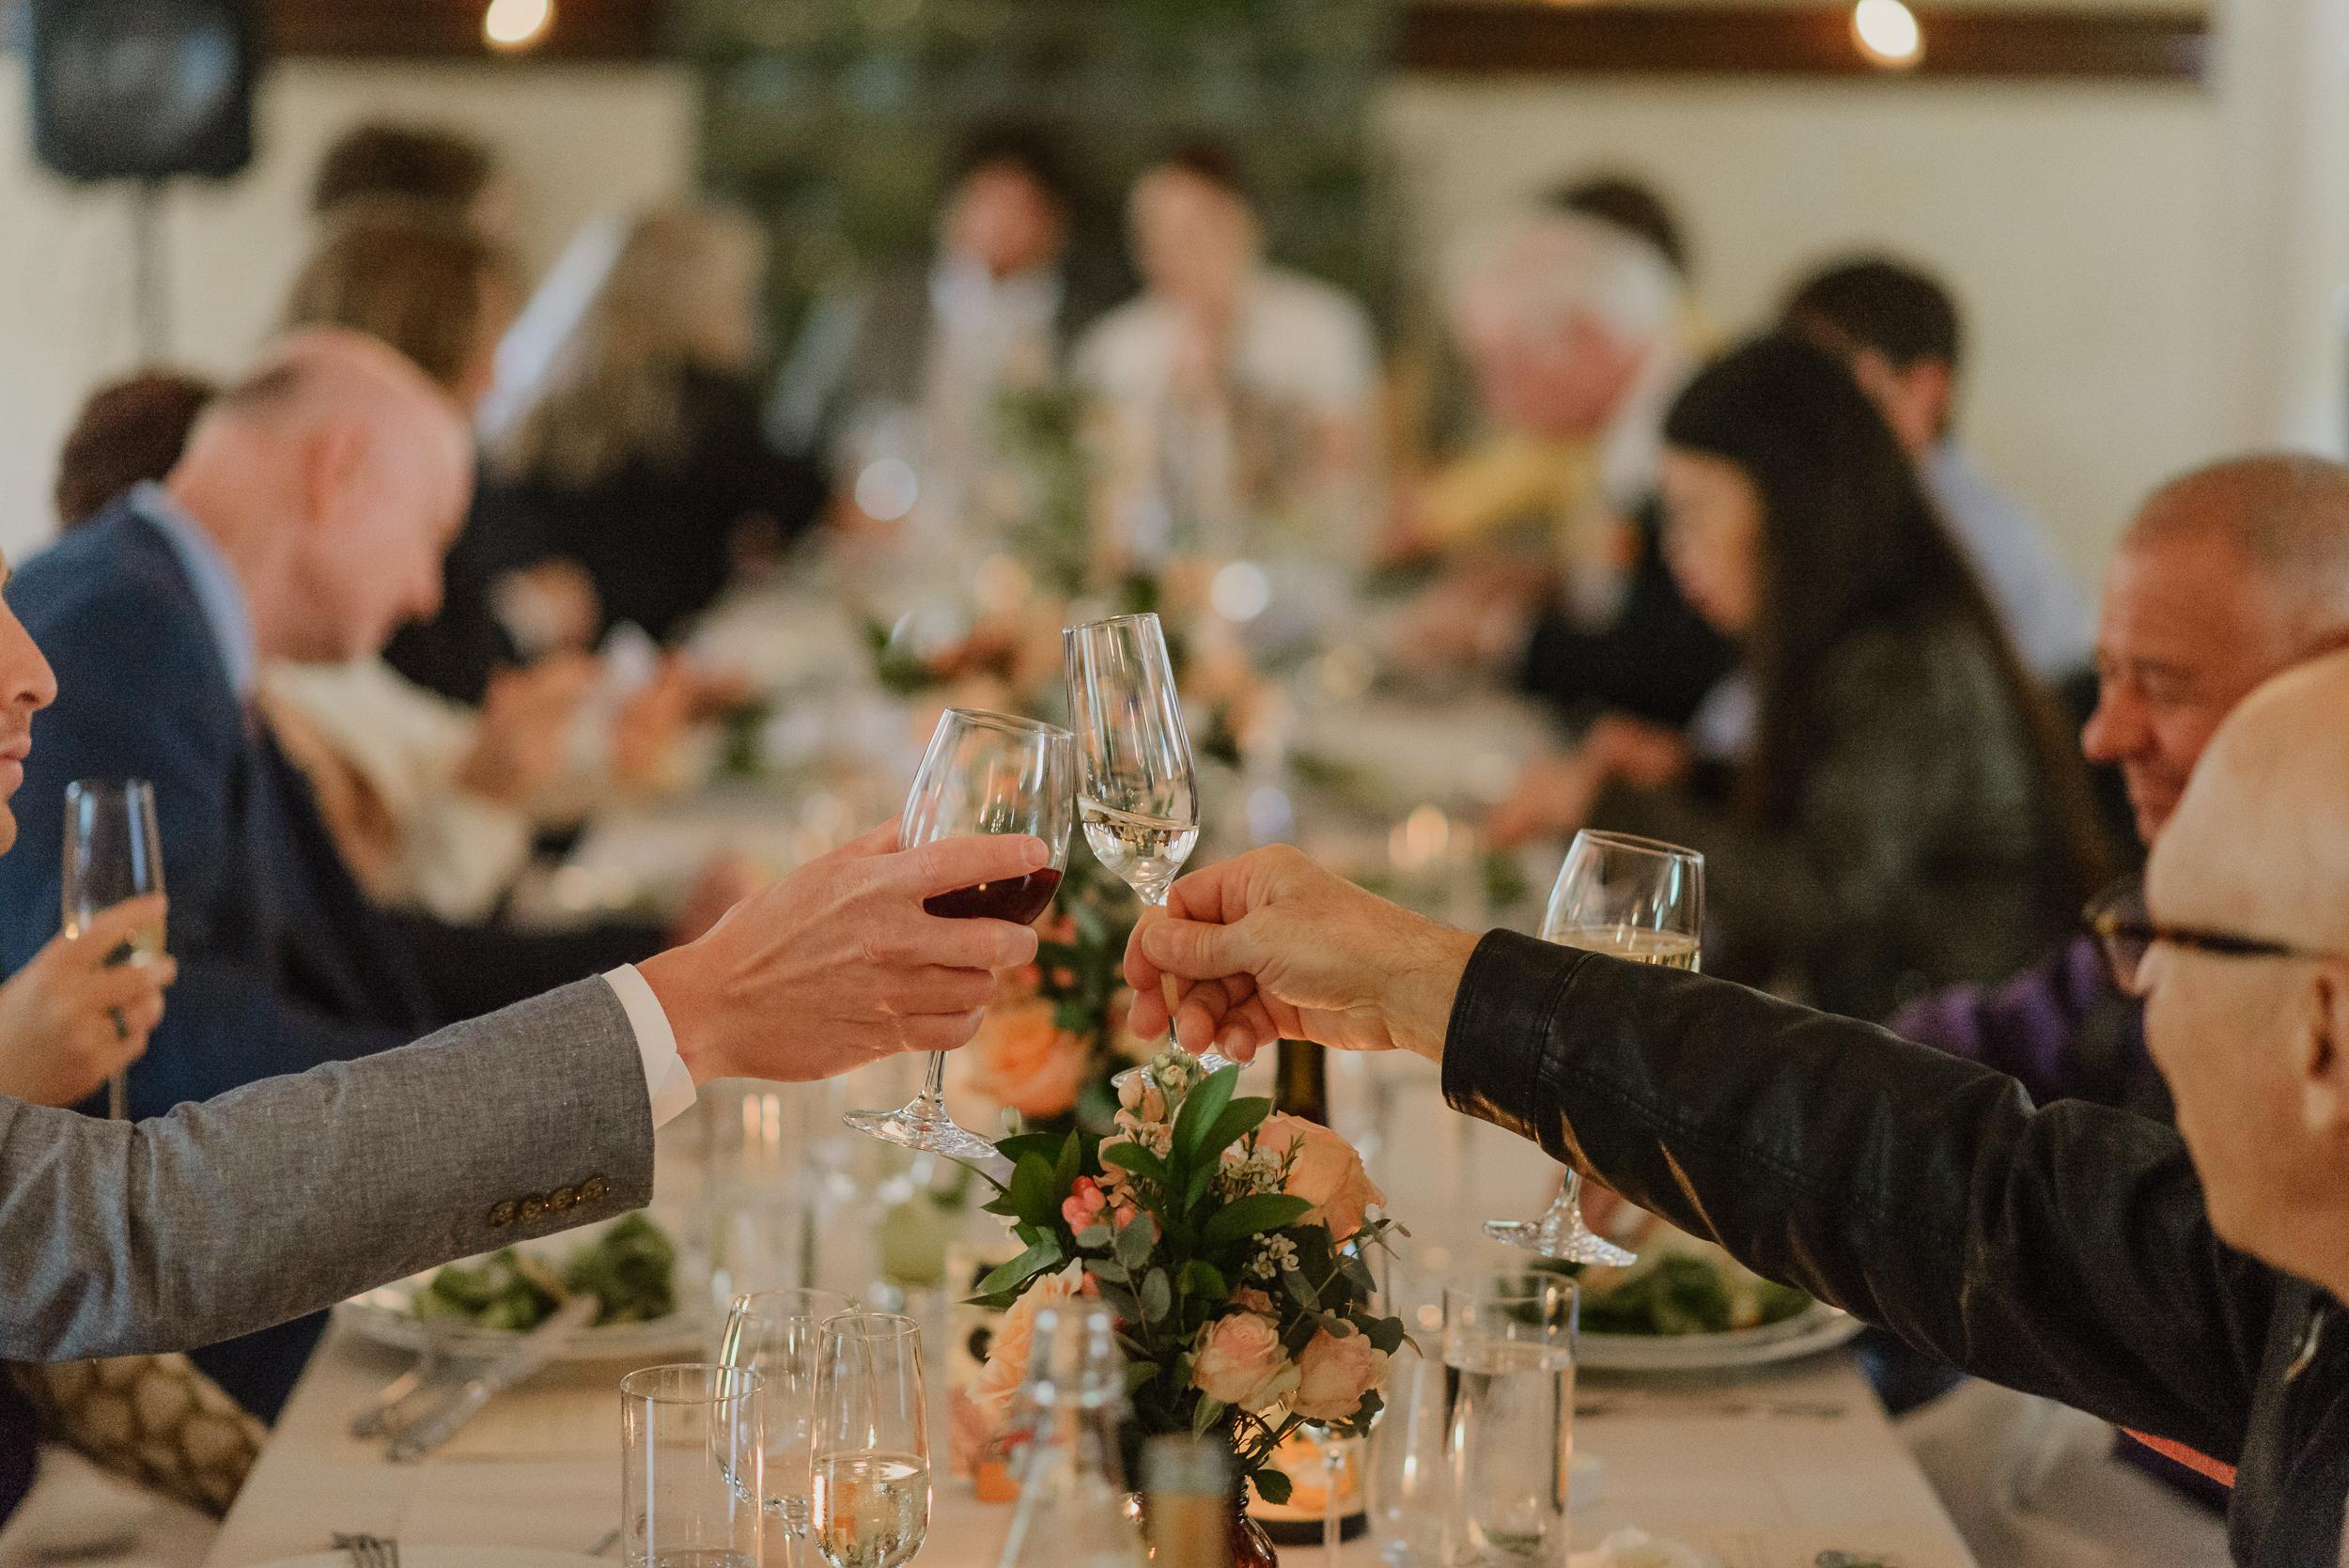 099-san-francisco-headlands-center-for-the-arts-wedding-vivianchen-505.jpg